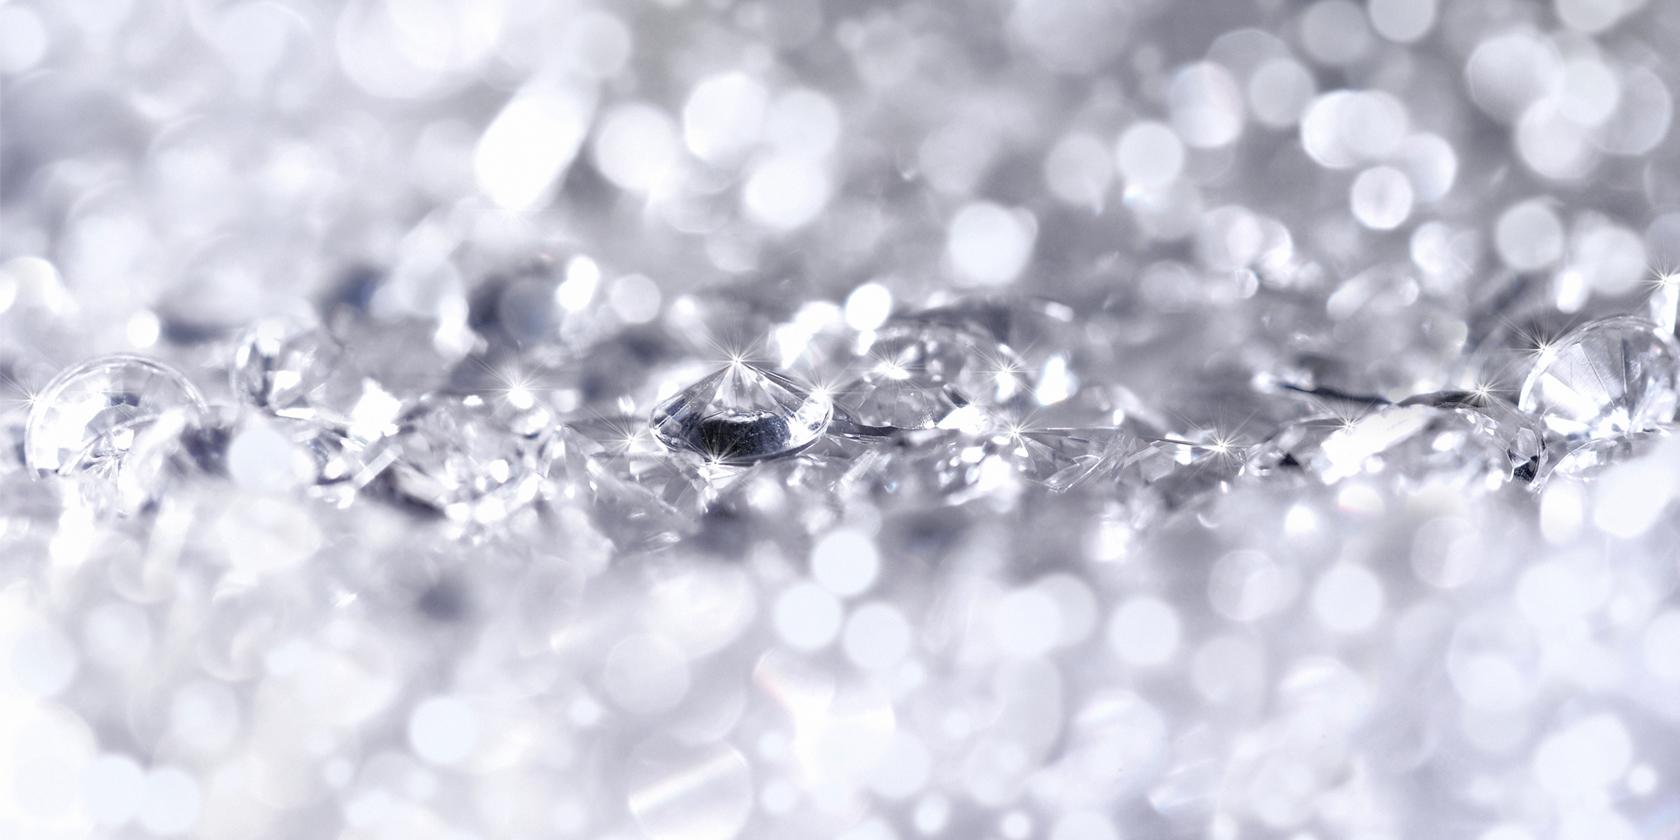 Diamanten in der Hautpflege   BEAUTYPUNK